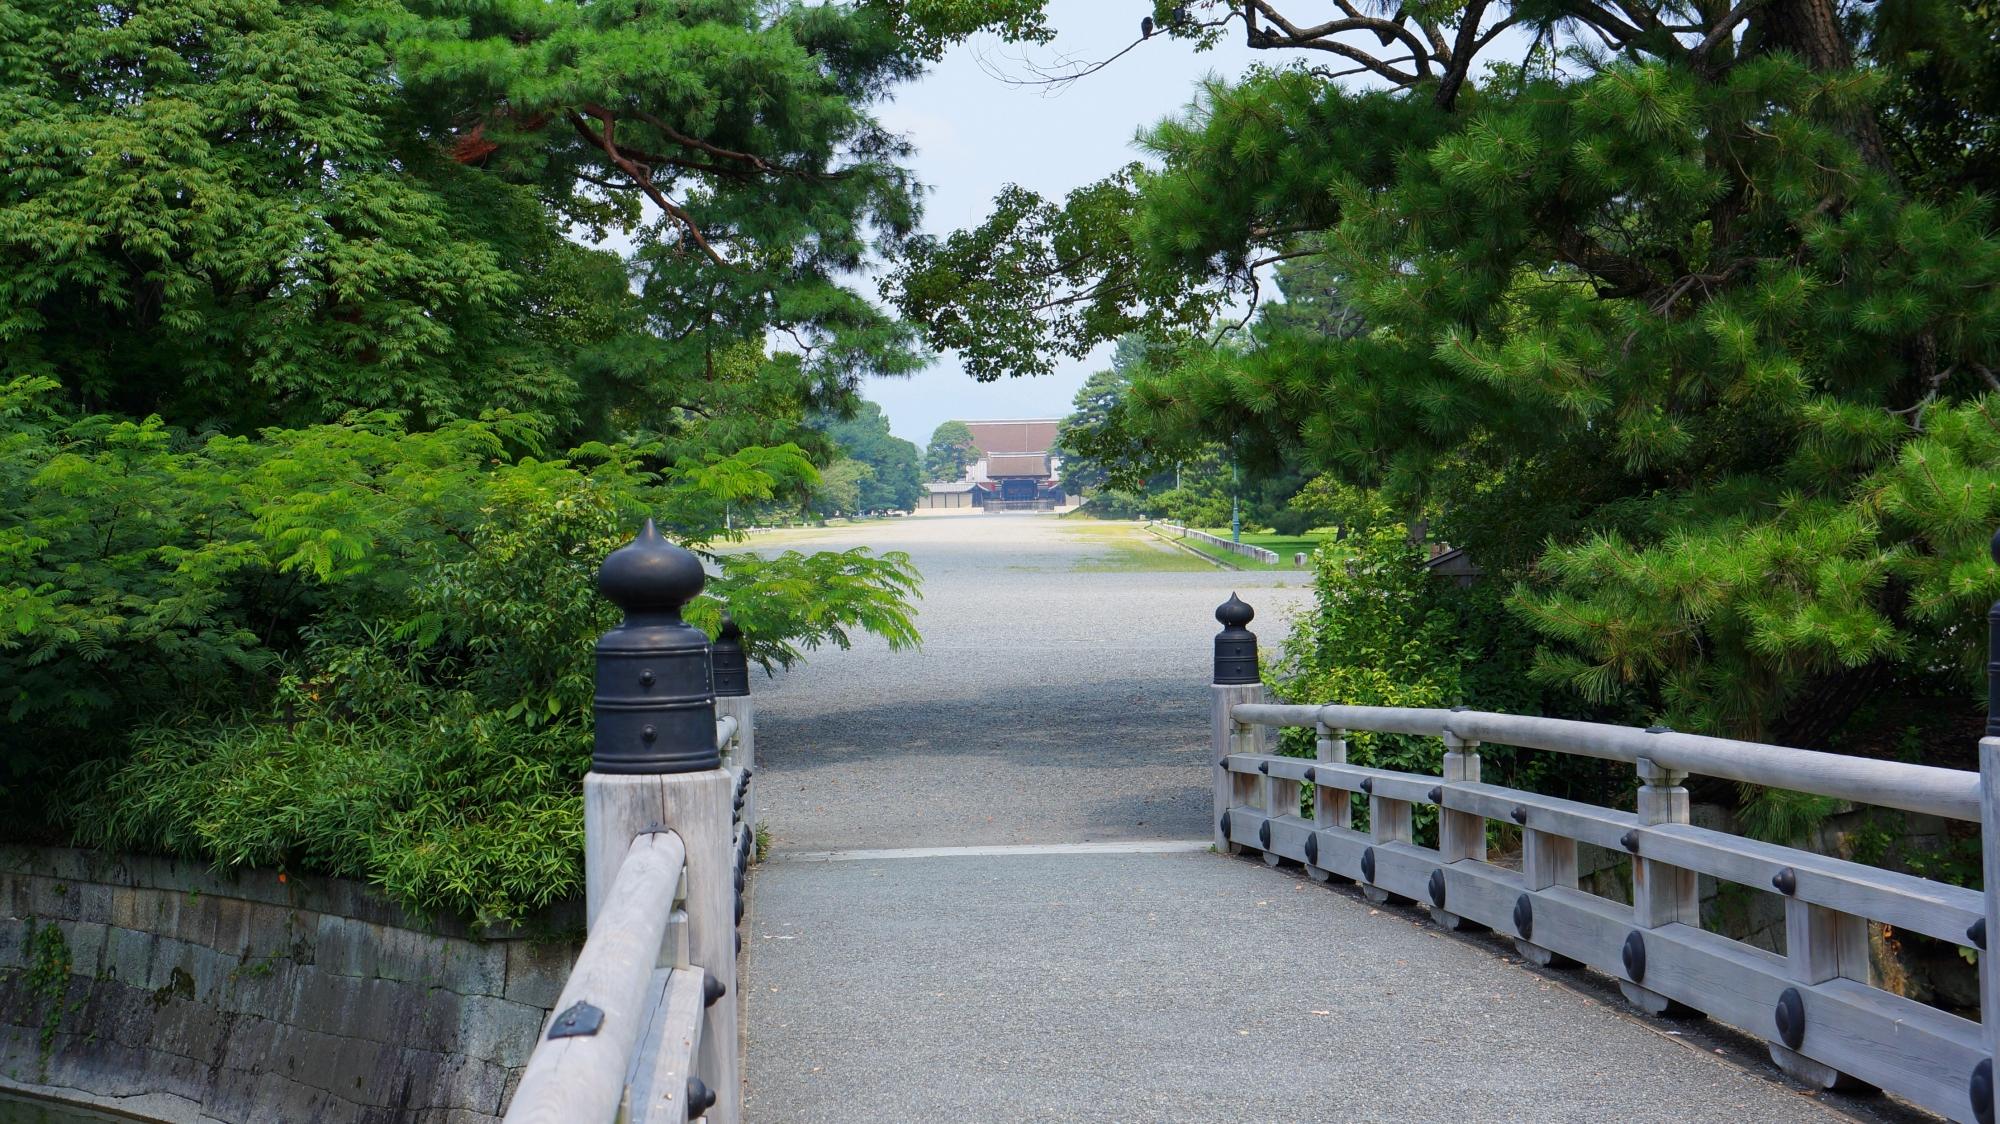 石橋の遠く向こうに見える京都御所の建礼門